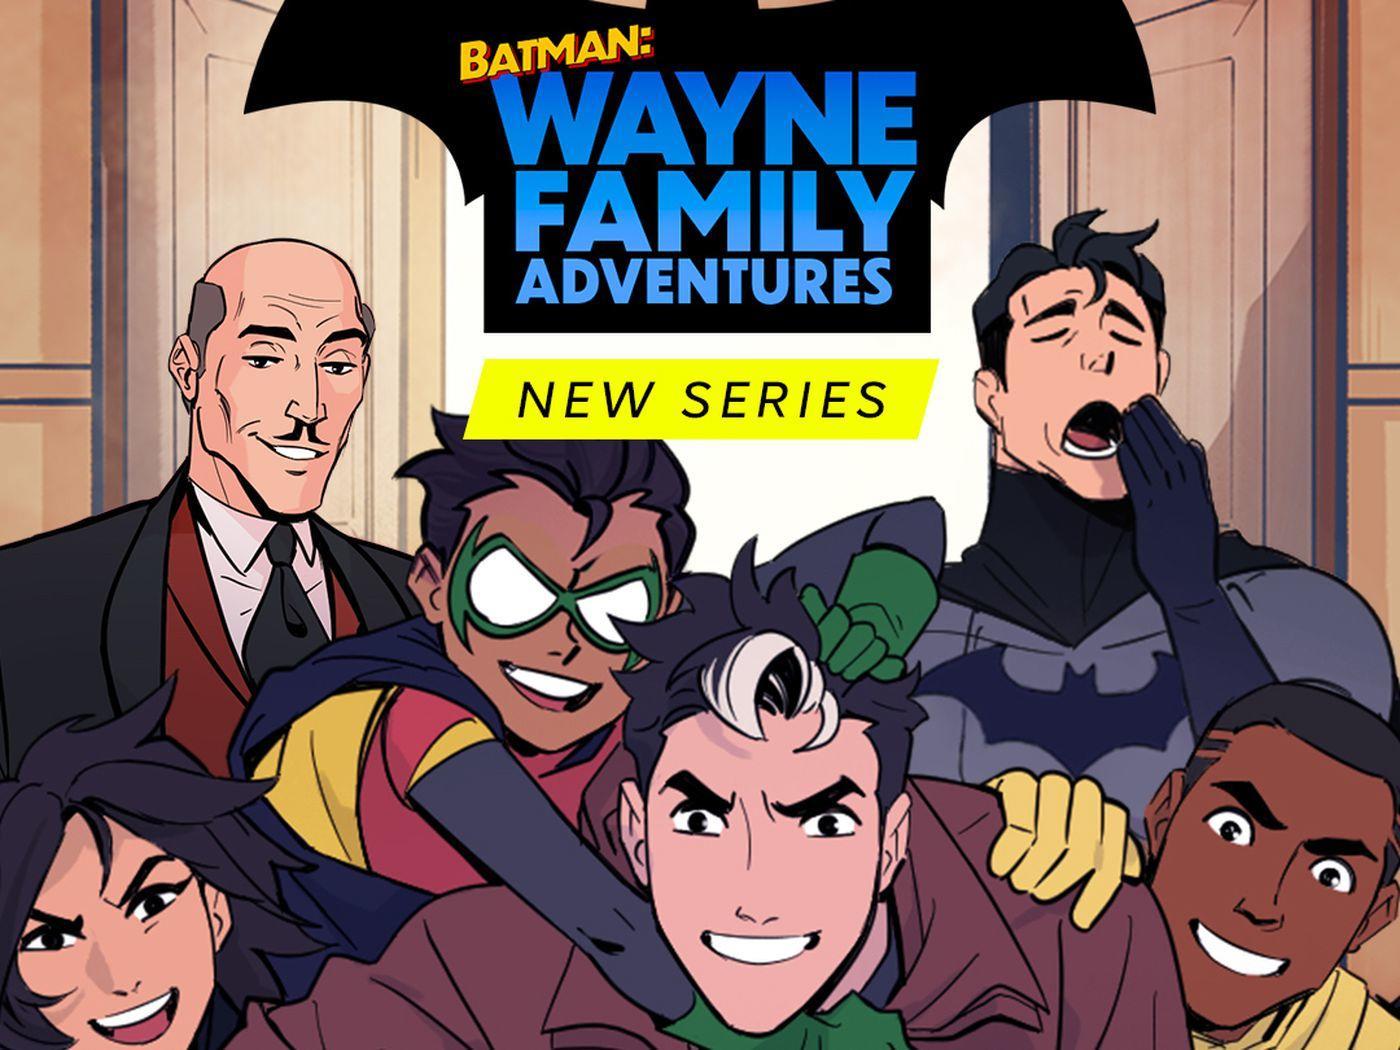 batmanfamilyadven-9x16-ig-pinterest-copy.jpg